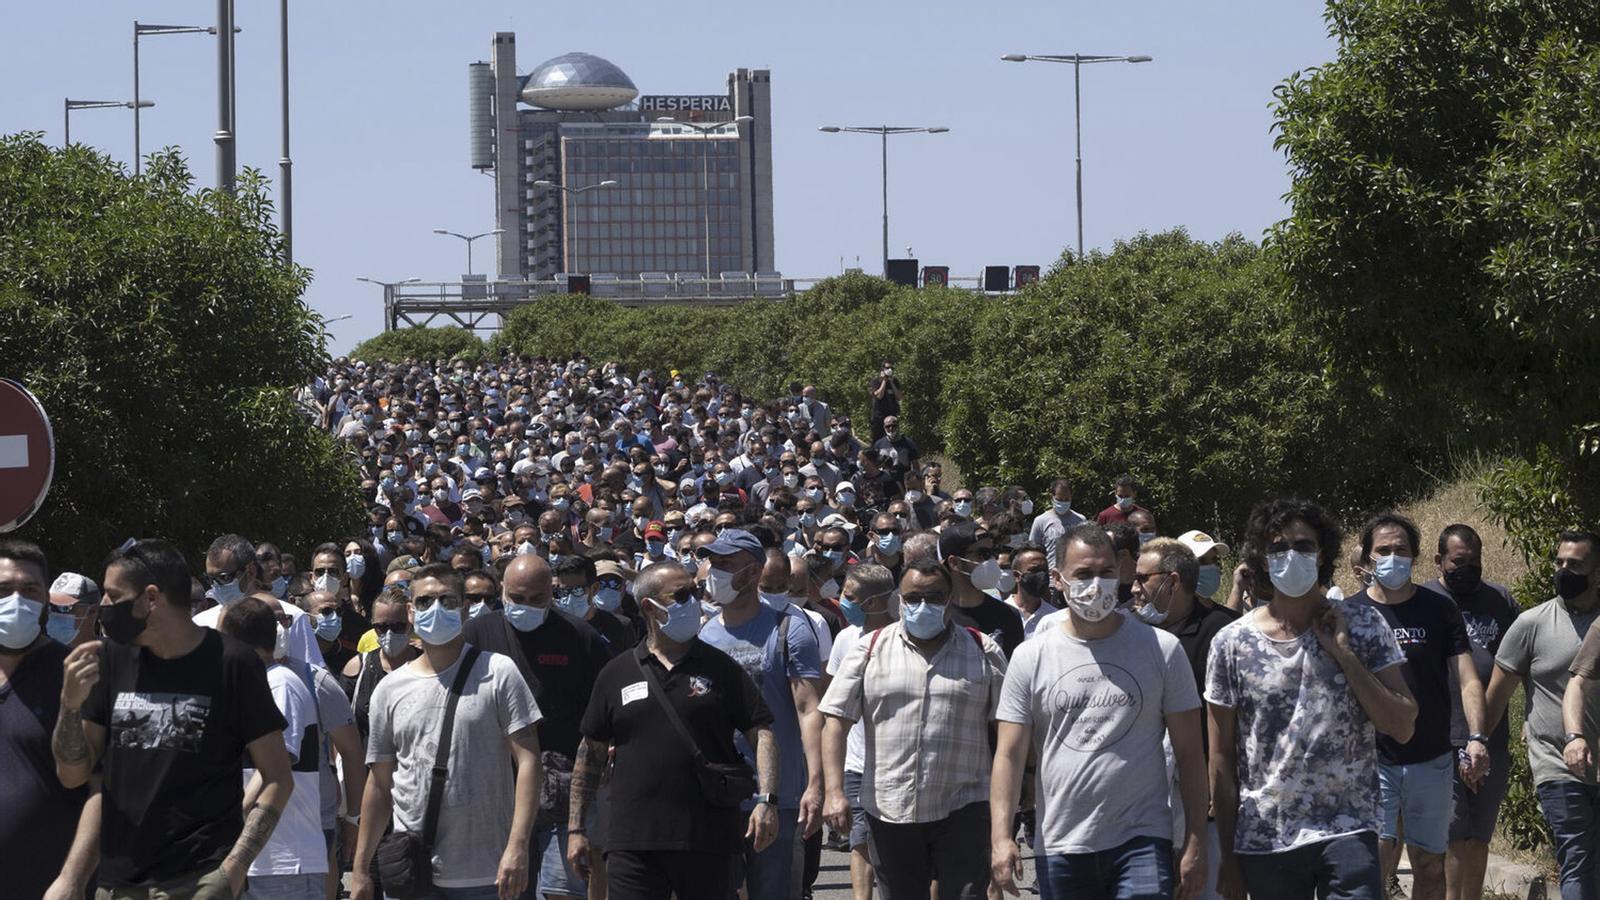 3.300 treballadors de Nissan al carrer i el govern espanyol aprova la renda mínima vital: les claus del dia amb Antoni Bassas (29/05/2020)